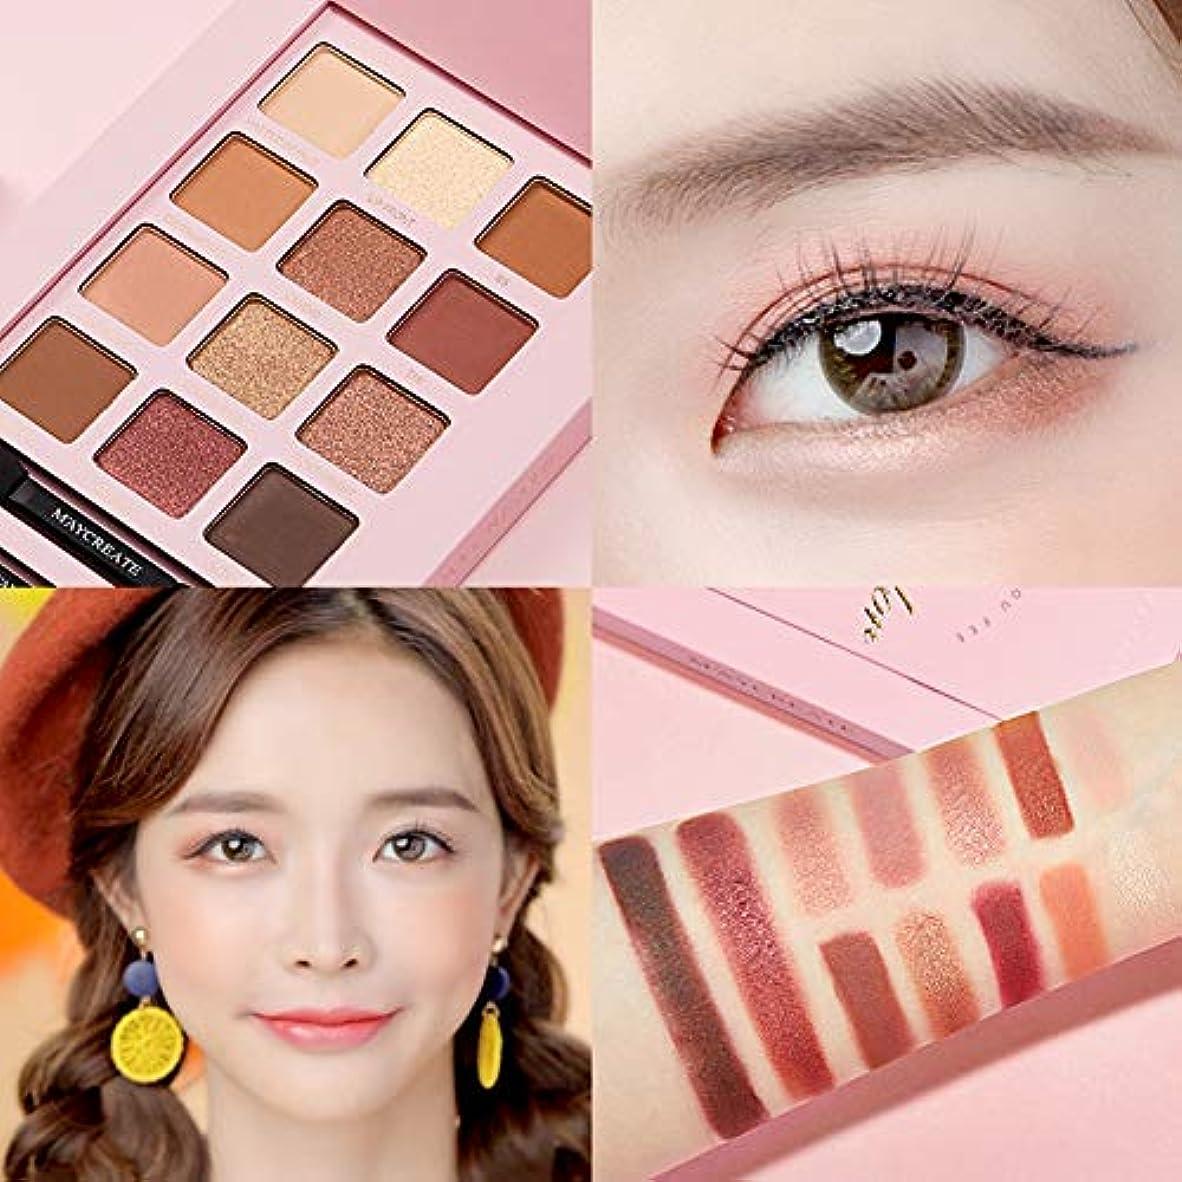 移植大きなスケールで見ると施設Dkhsyアイシャドーマットアイシャドープレート美容女性の目の化粧品ラスティングキラキラアイシャドウ化粧品ツール 12色